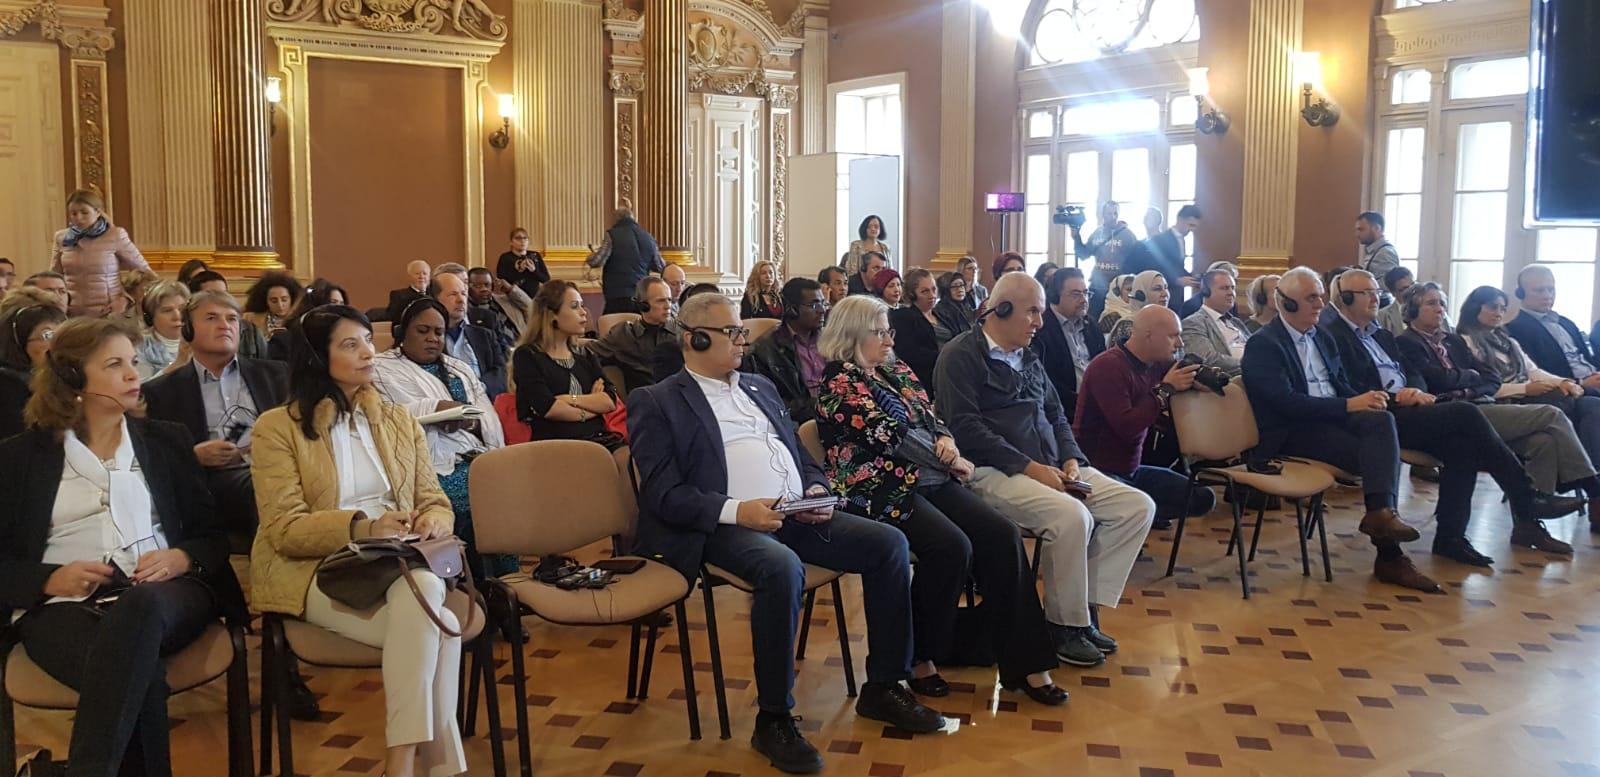 Zeci de ambasadori în România au vizitat Aradul (FOTO)